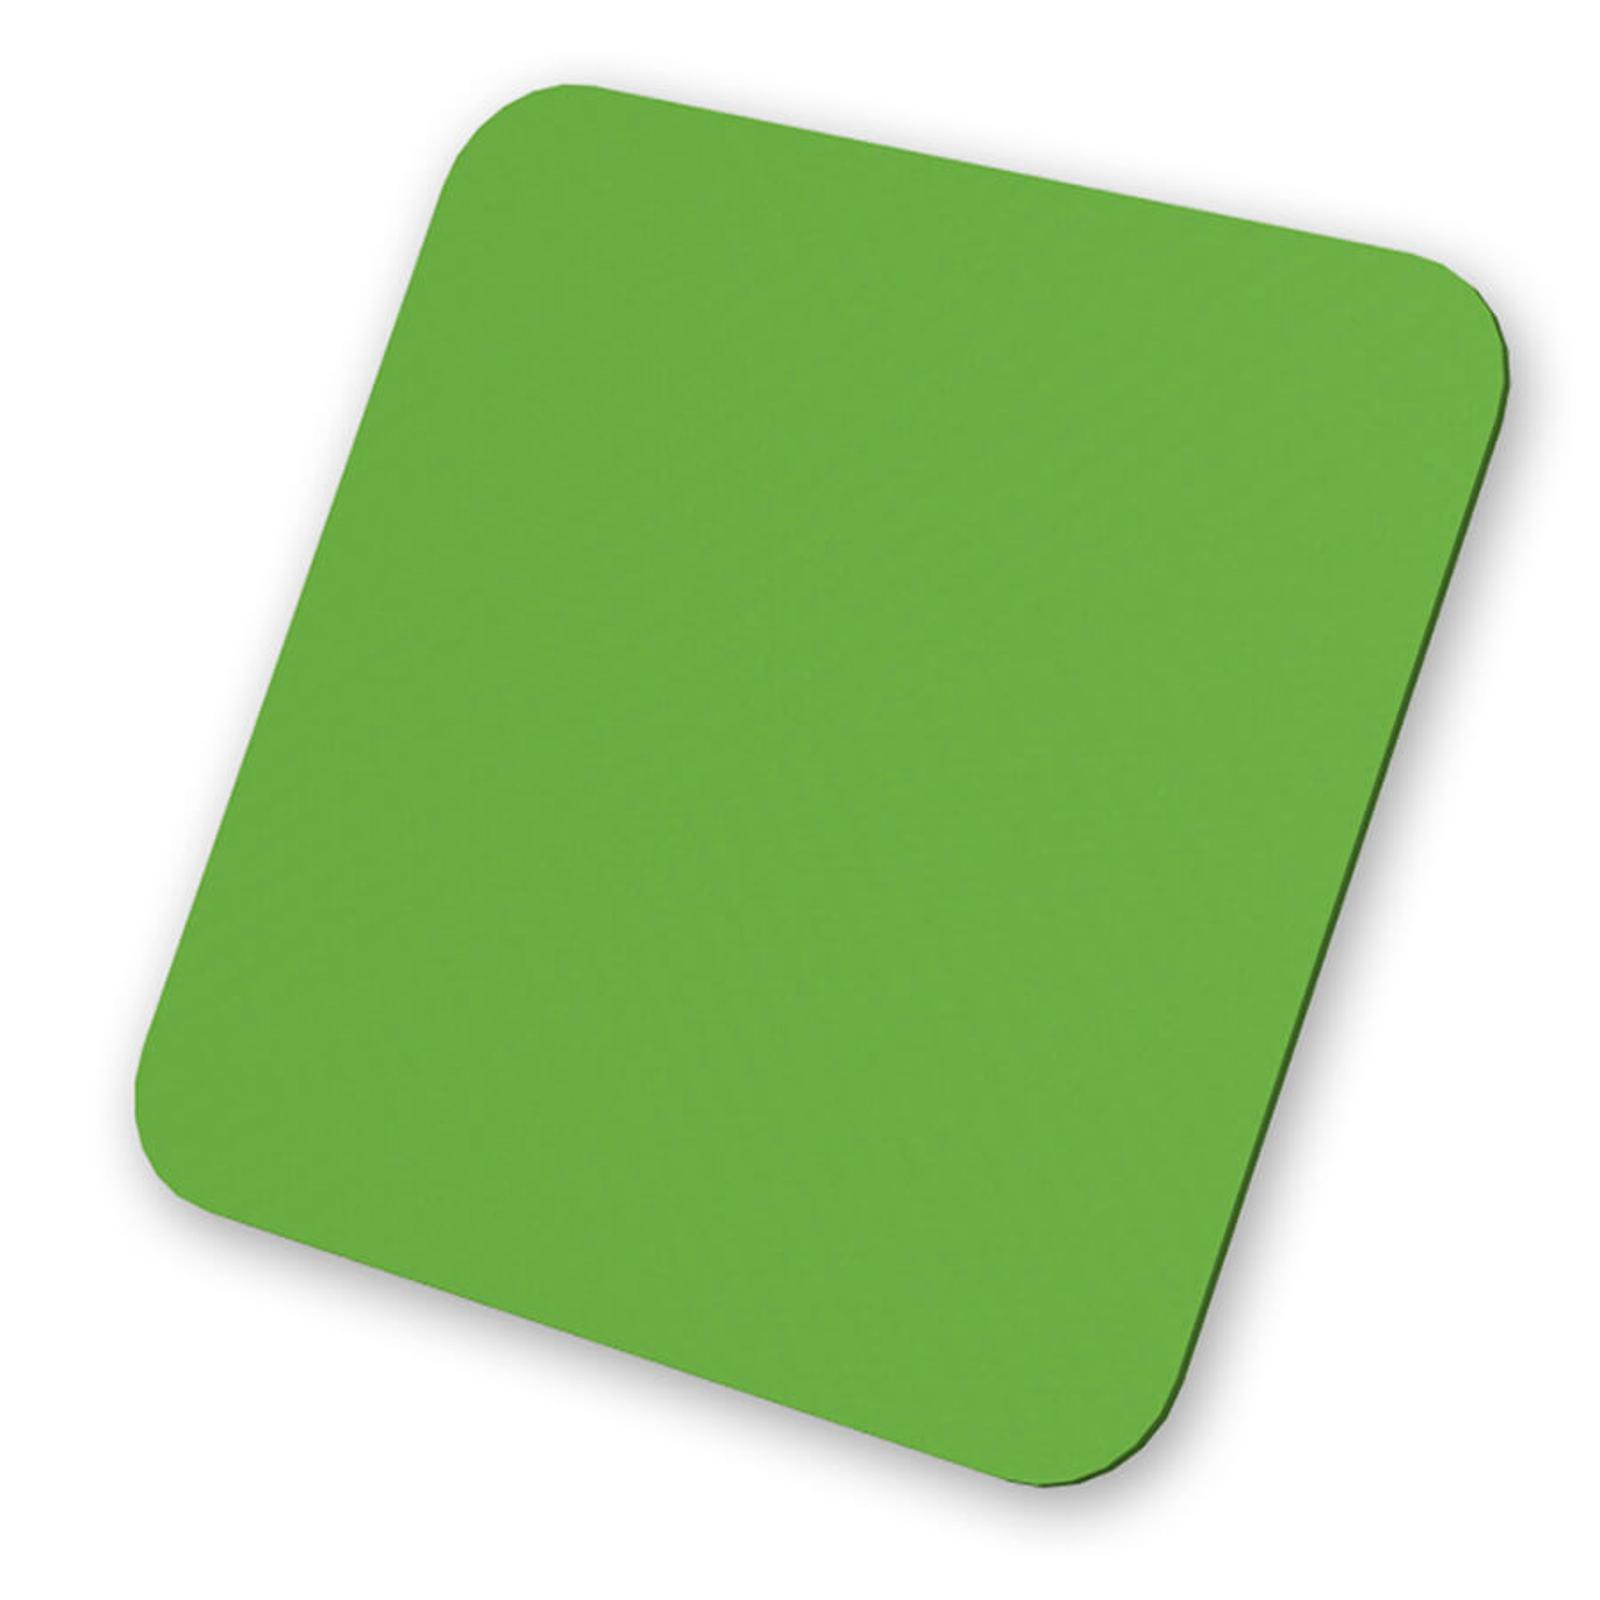 Istuintyyny Cube-koristevalaisimeen, vihreä